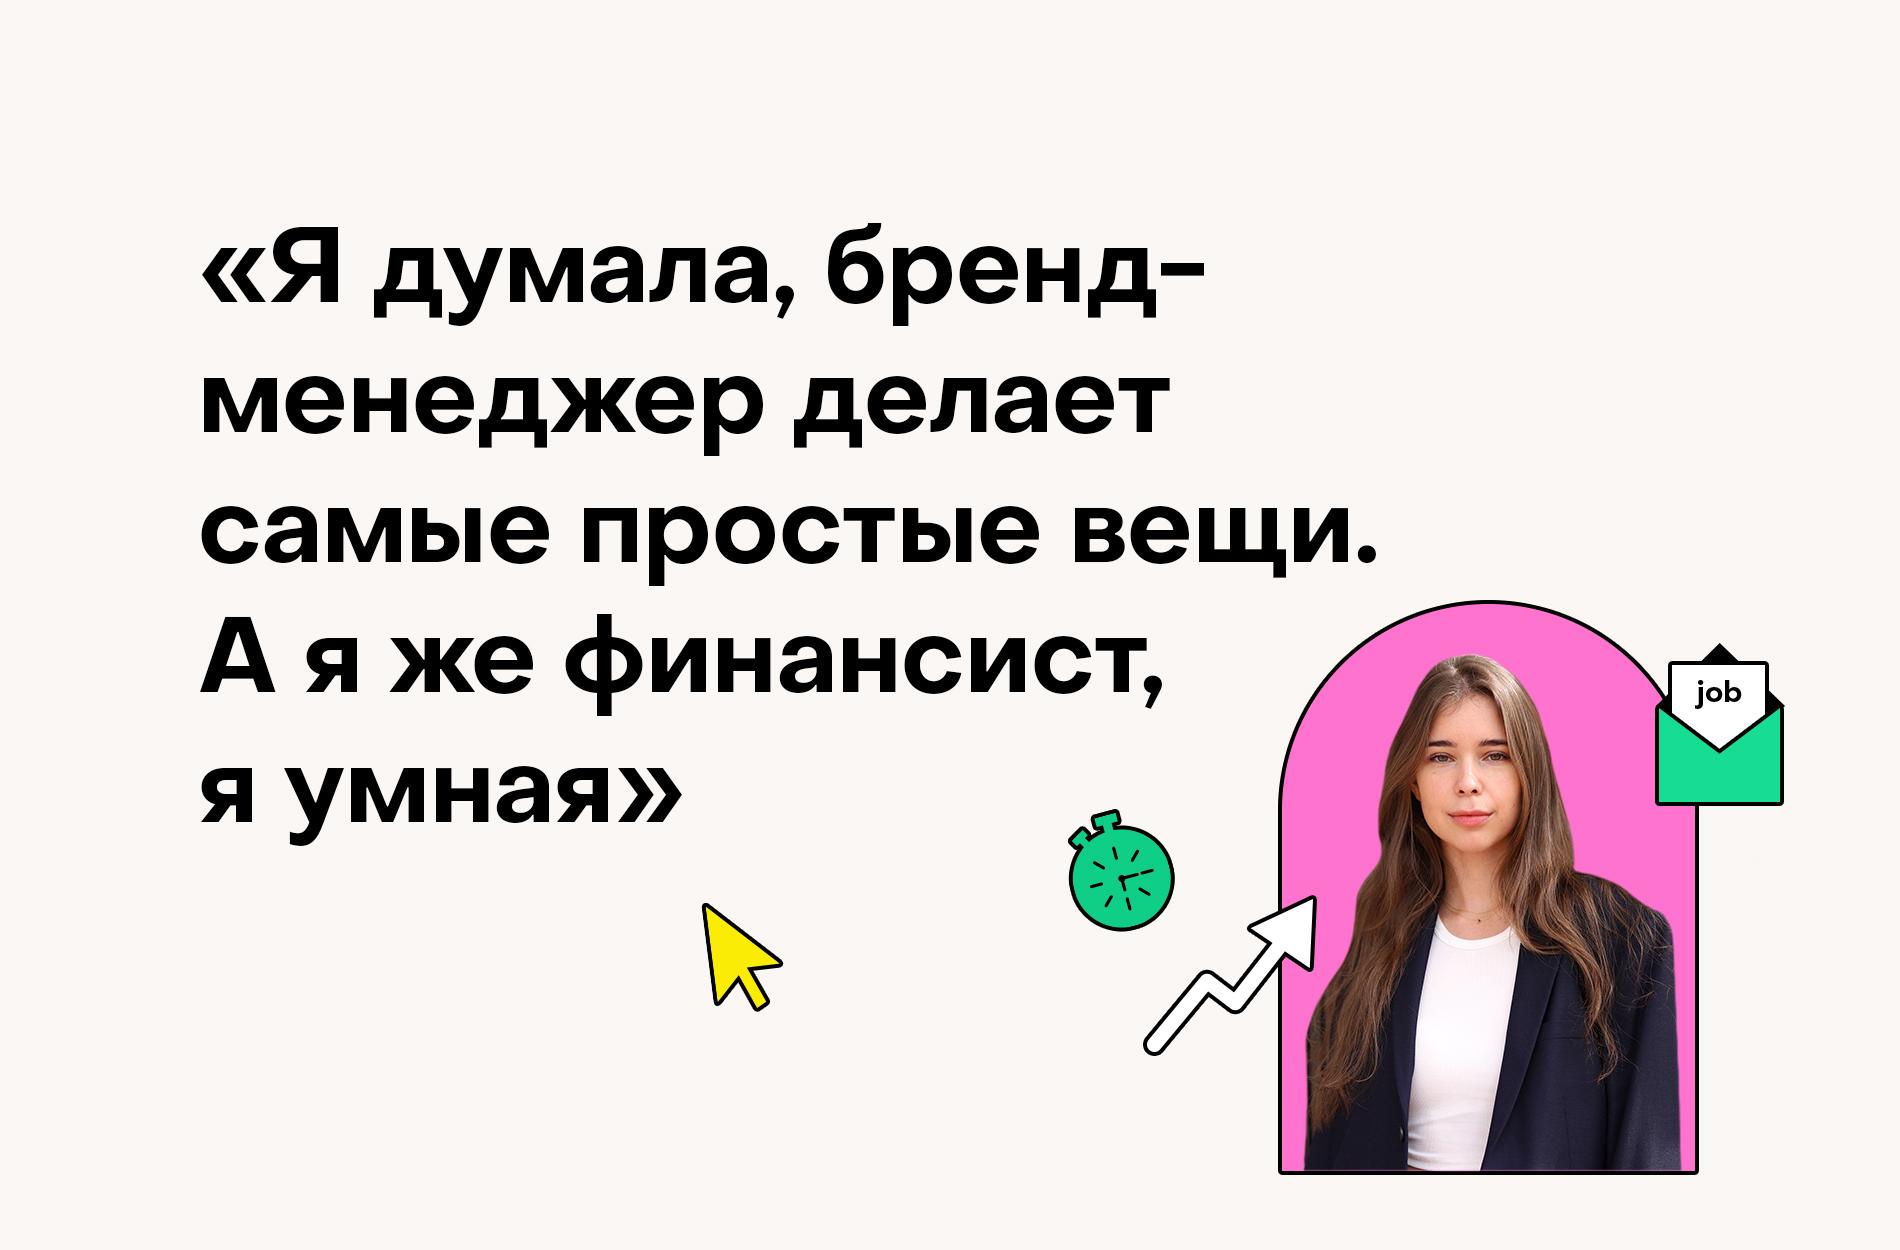 Маша Мерзлякова о том, как за пару лет вырасти из стажера в бренд-менеджера в США